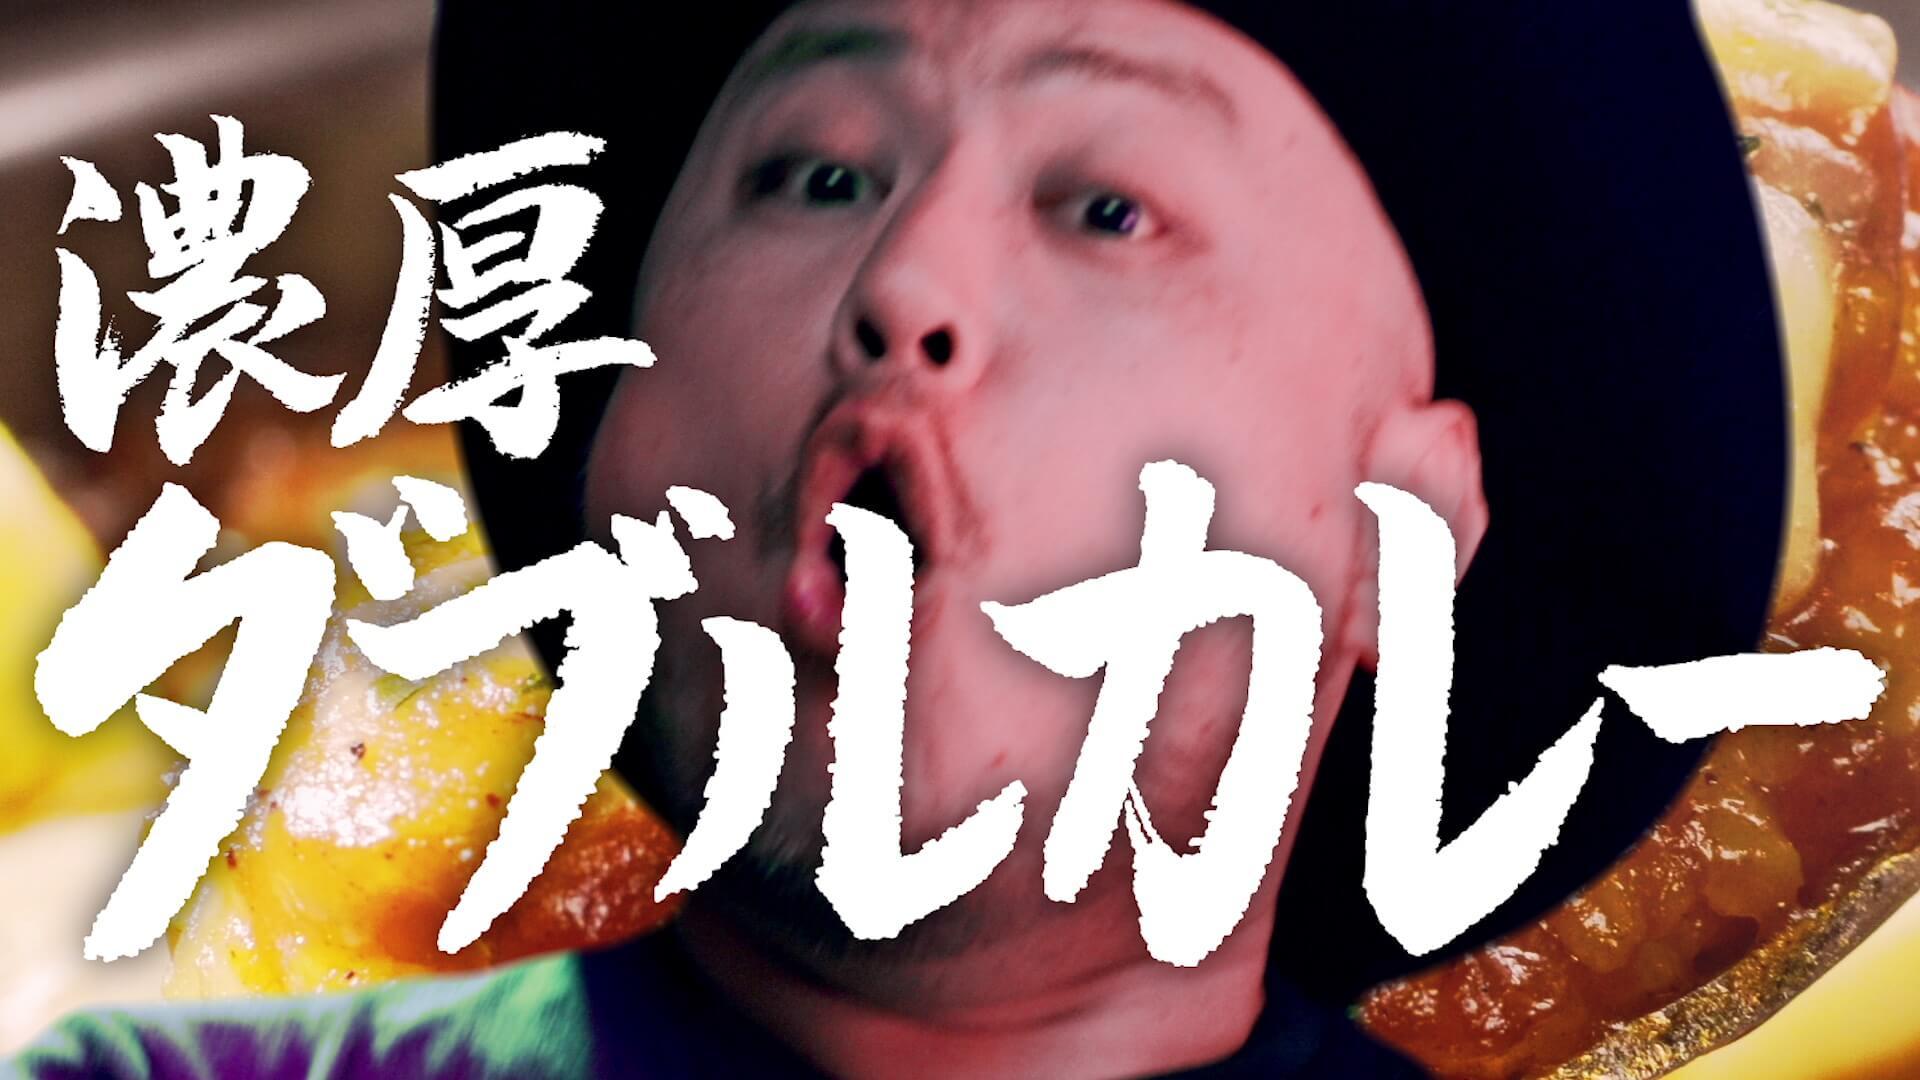 誇張した食レポ、エビのモノマネ…ハリウッドザコシショウの姿に思わず二度見してしまう「満足丼」WEBCM4本が公開 gourmet190917_manzokudon_12